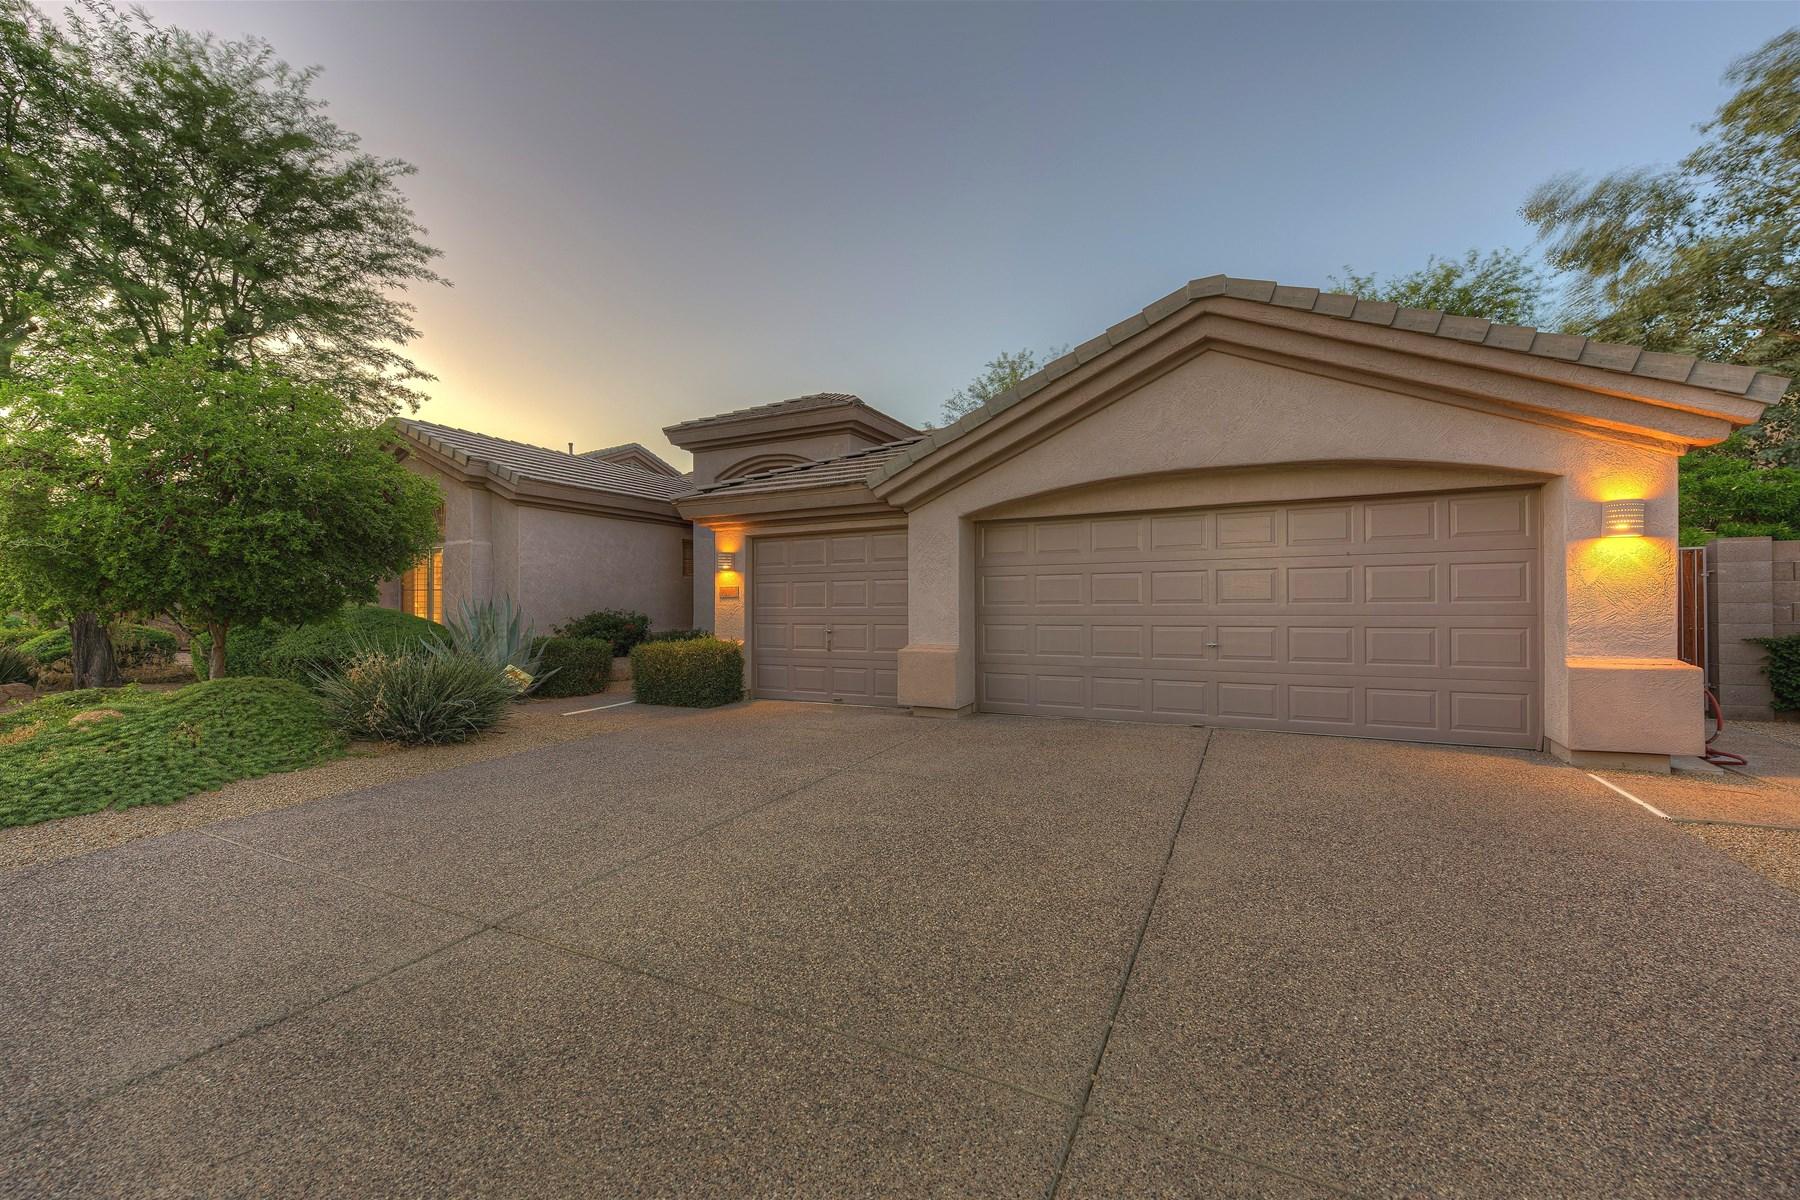 Tek Ailelik Ev için Satış at Immaculate well cared for home, located in the popular area of Kierland 6430 E Everett Dr Scottsdale, Arizona 85254 Amerika Birleşik Devletleri